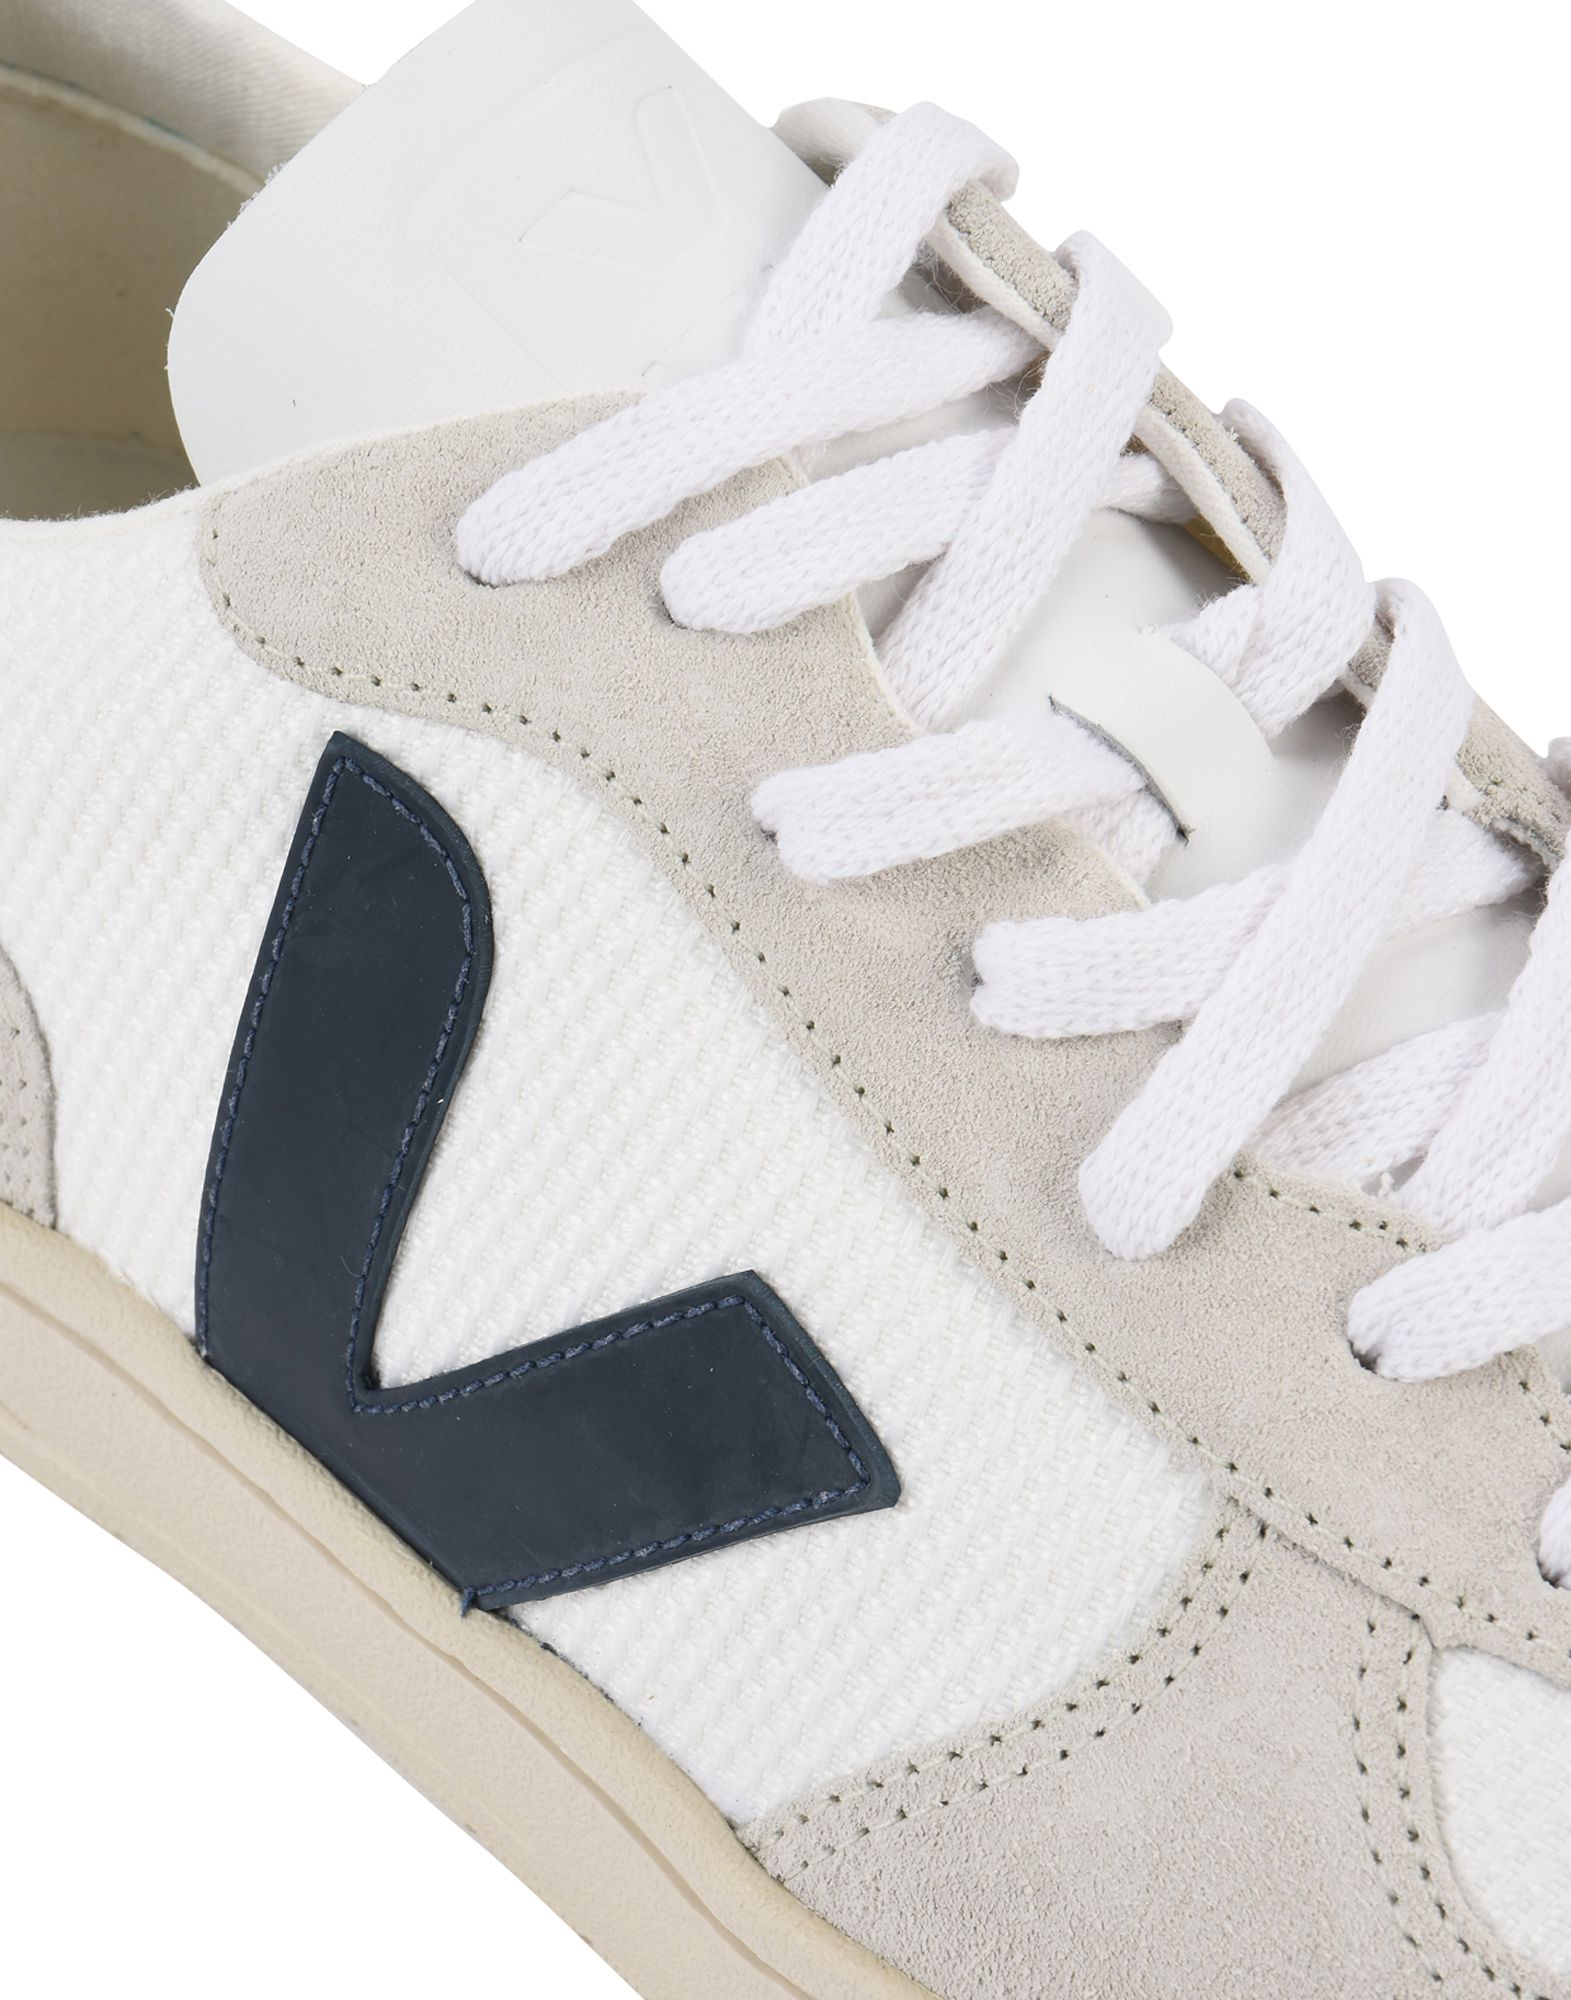 11448427CL Veja Sneakers Herren  11448427CL  b33a76